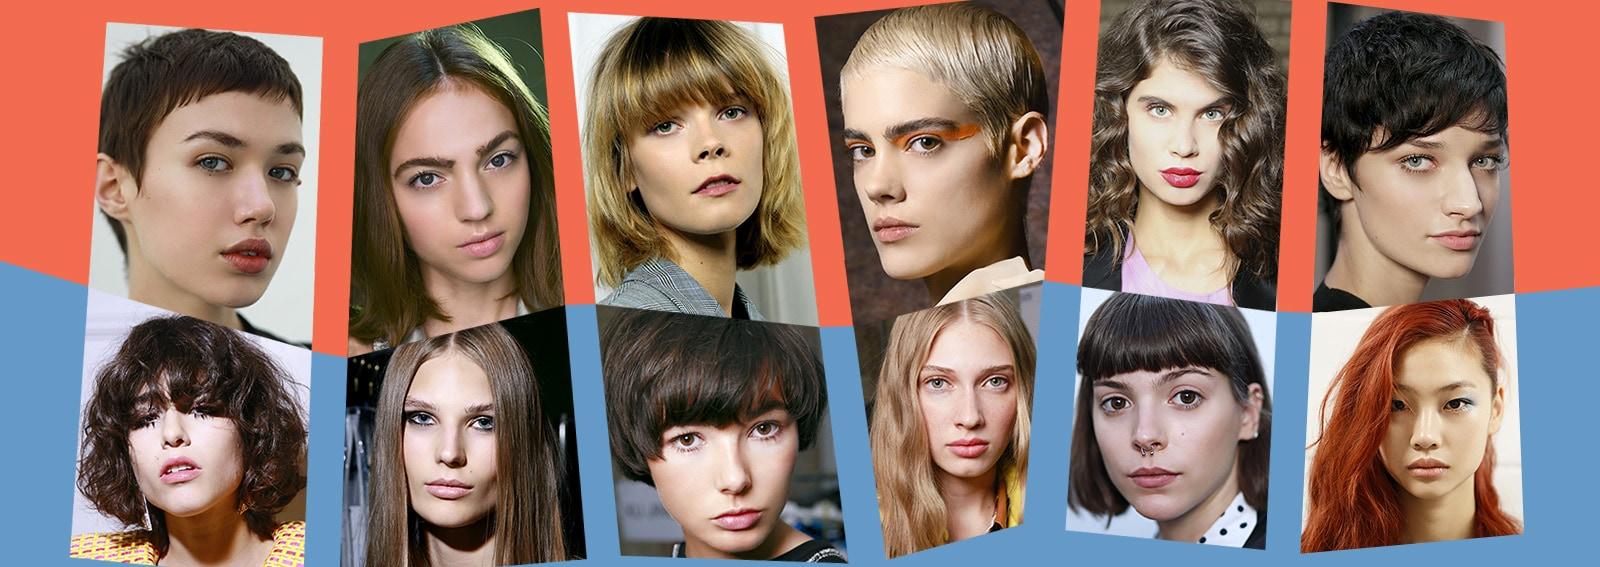 tagli capelli medi corti lunghi primavera estate 2018 collage_desktop